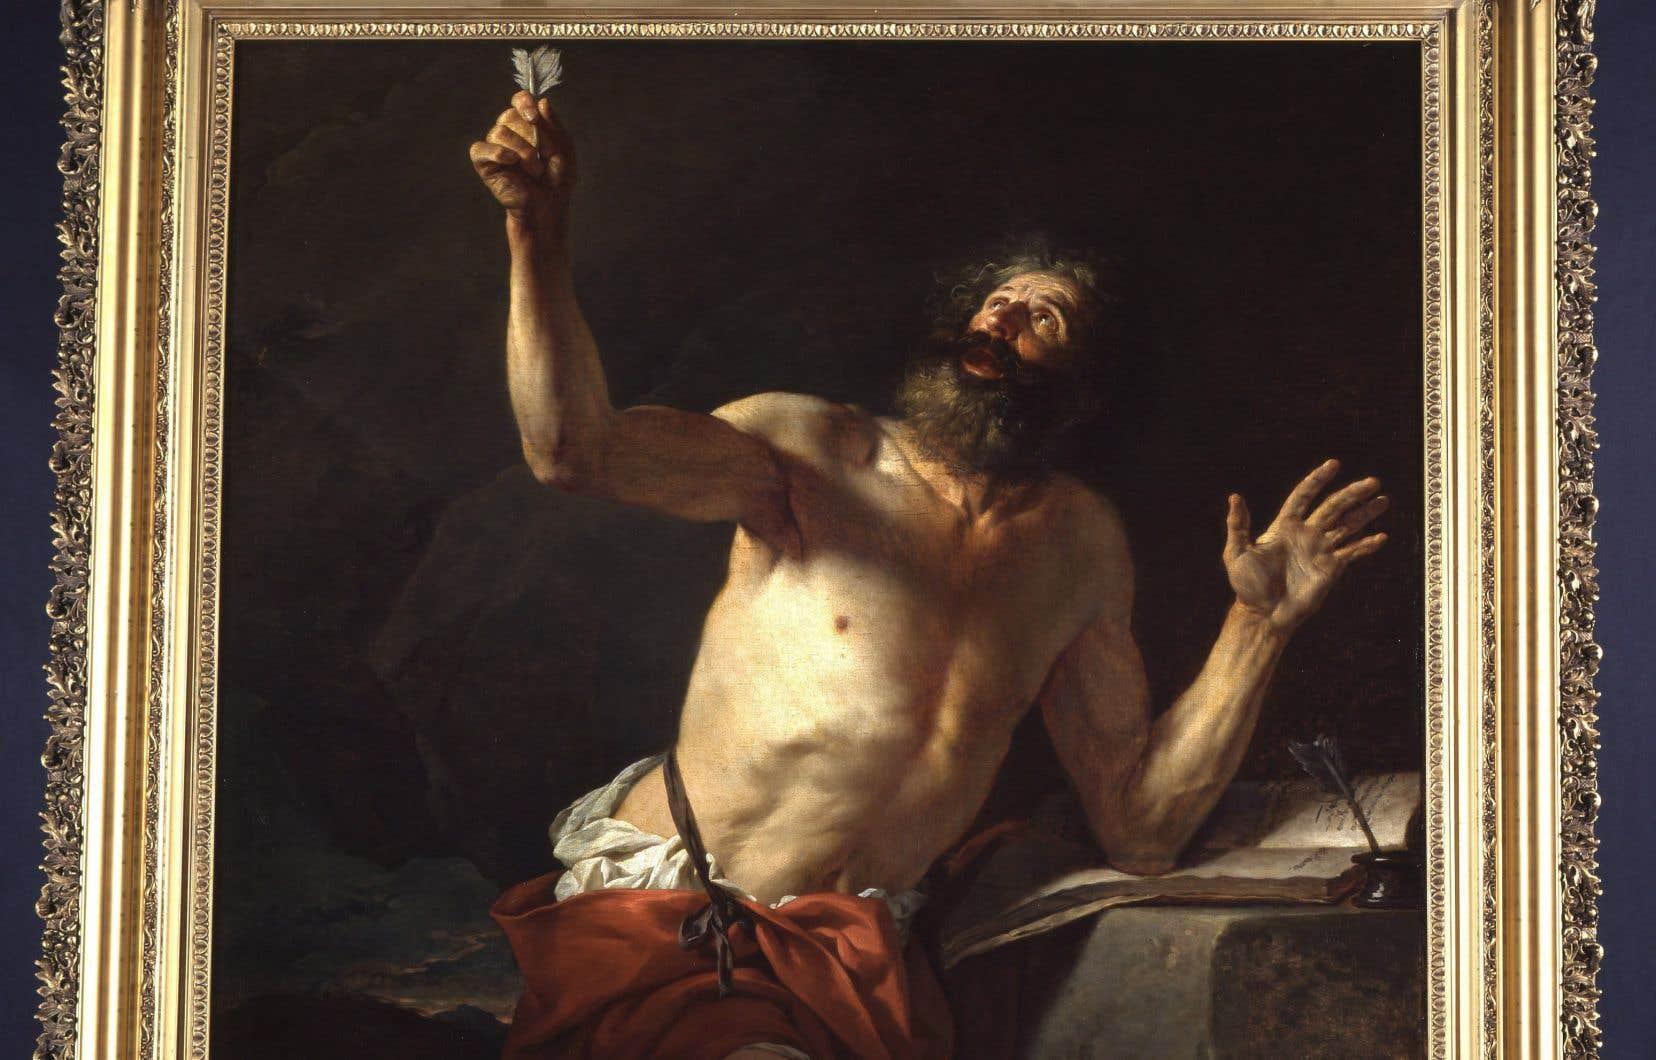 La tentative d'acquisition de l'oeuvre «Saint Jérôme» par le Musée des beaux-arts du Canada soulève une tempête.